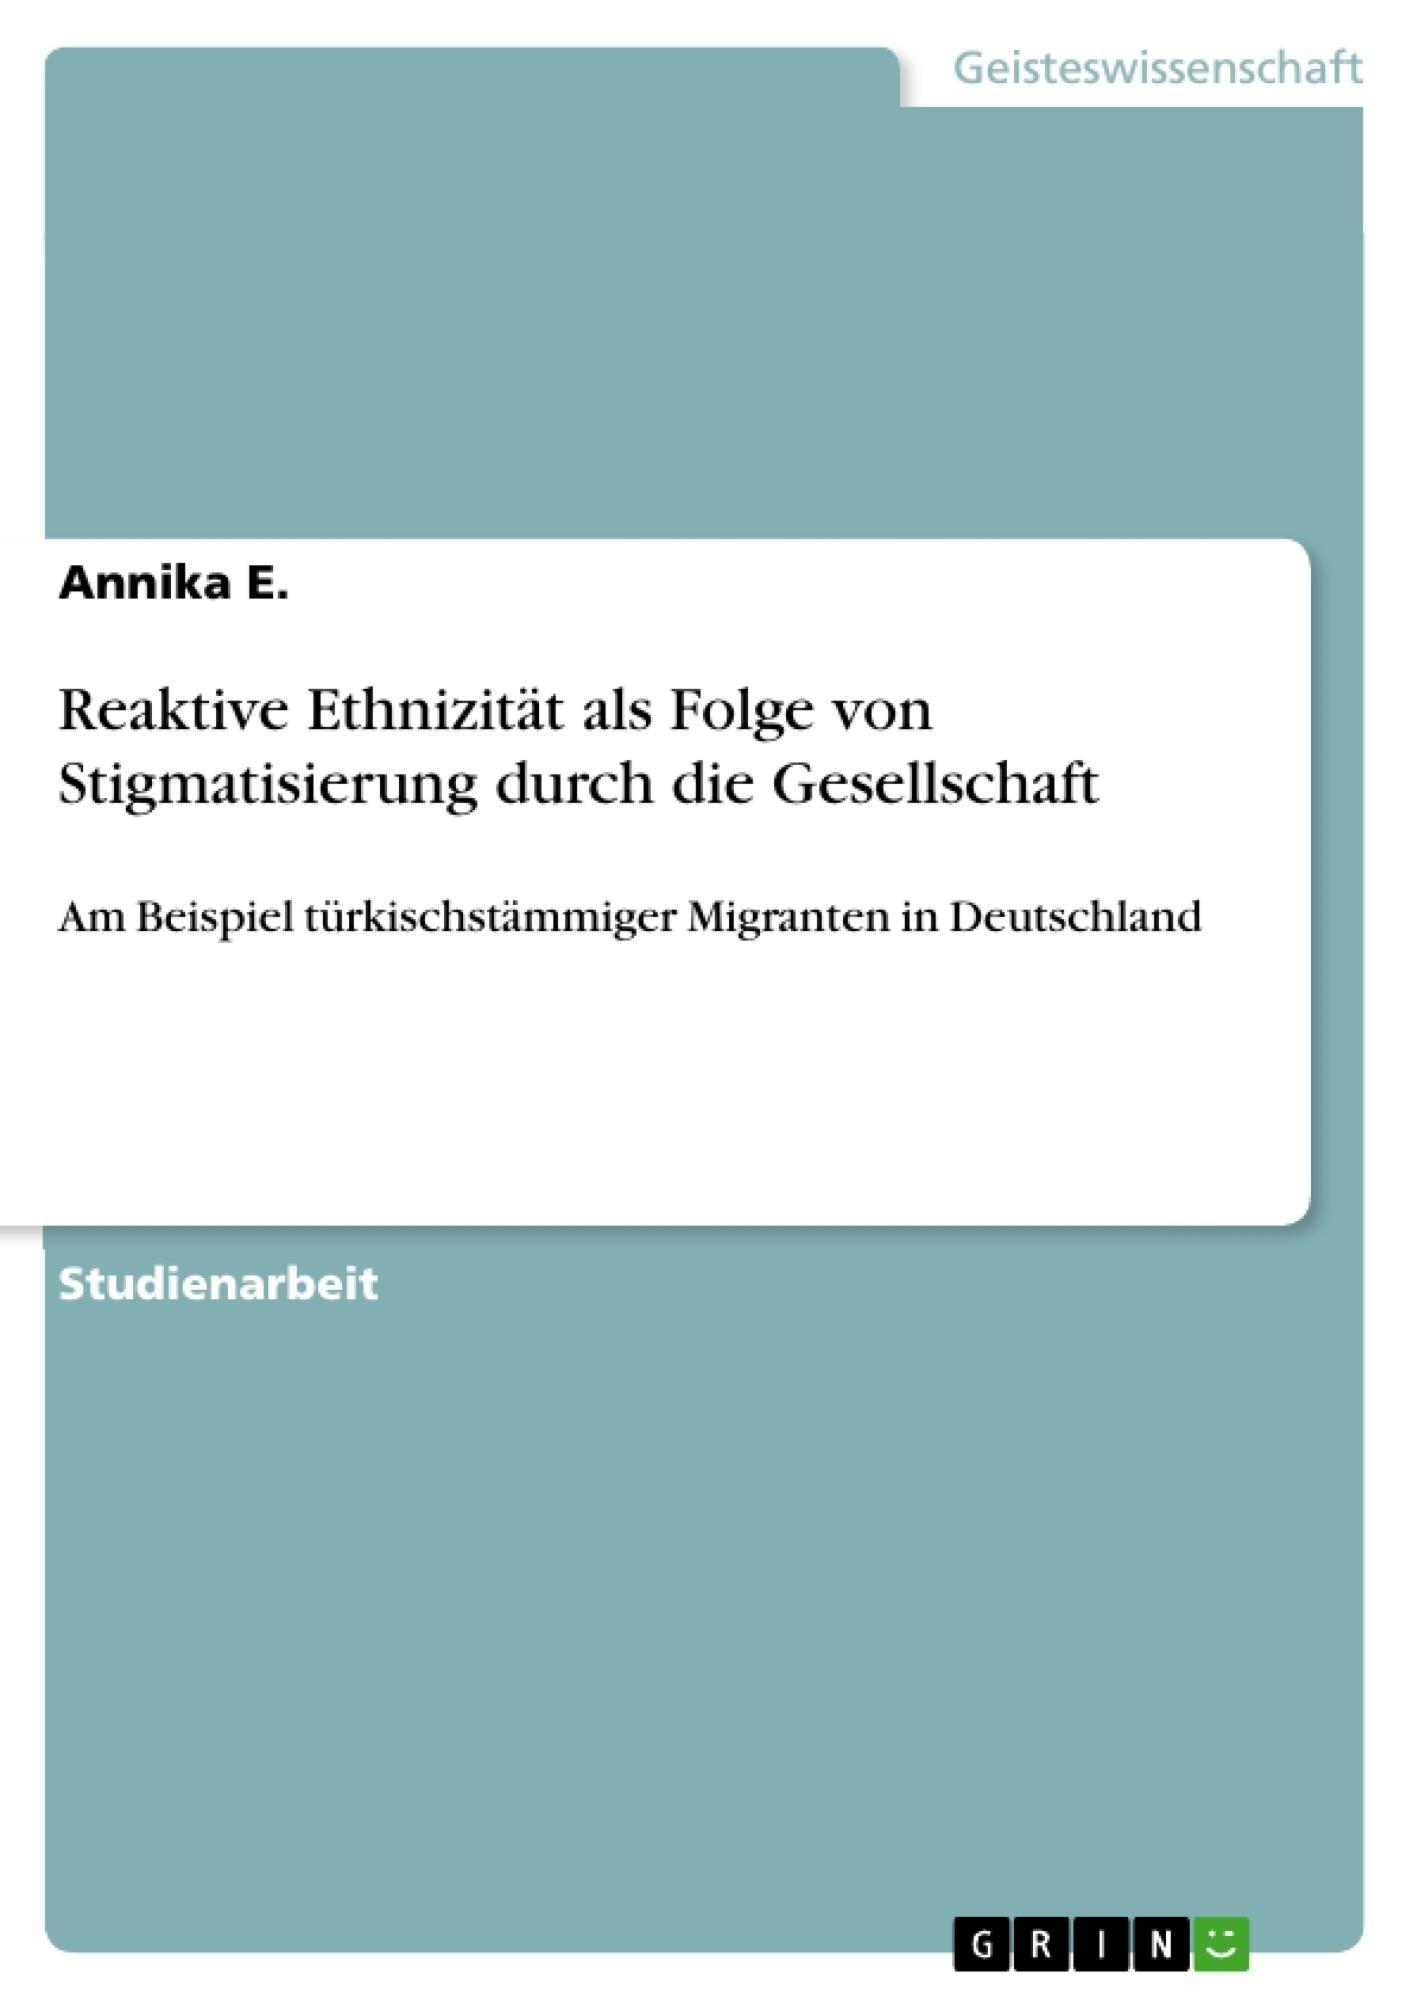 Titel: Reaktive Ethnizität als Folge von Stigmatisierung durch die Gesellschaft